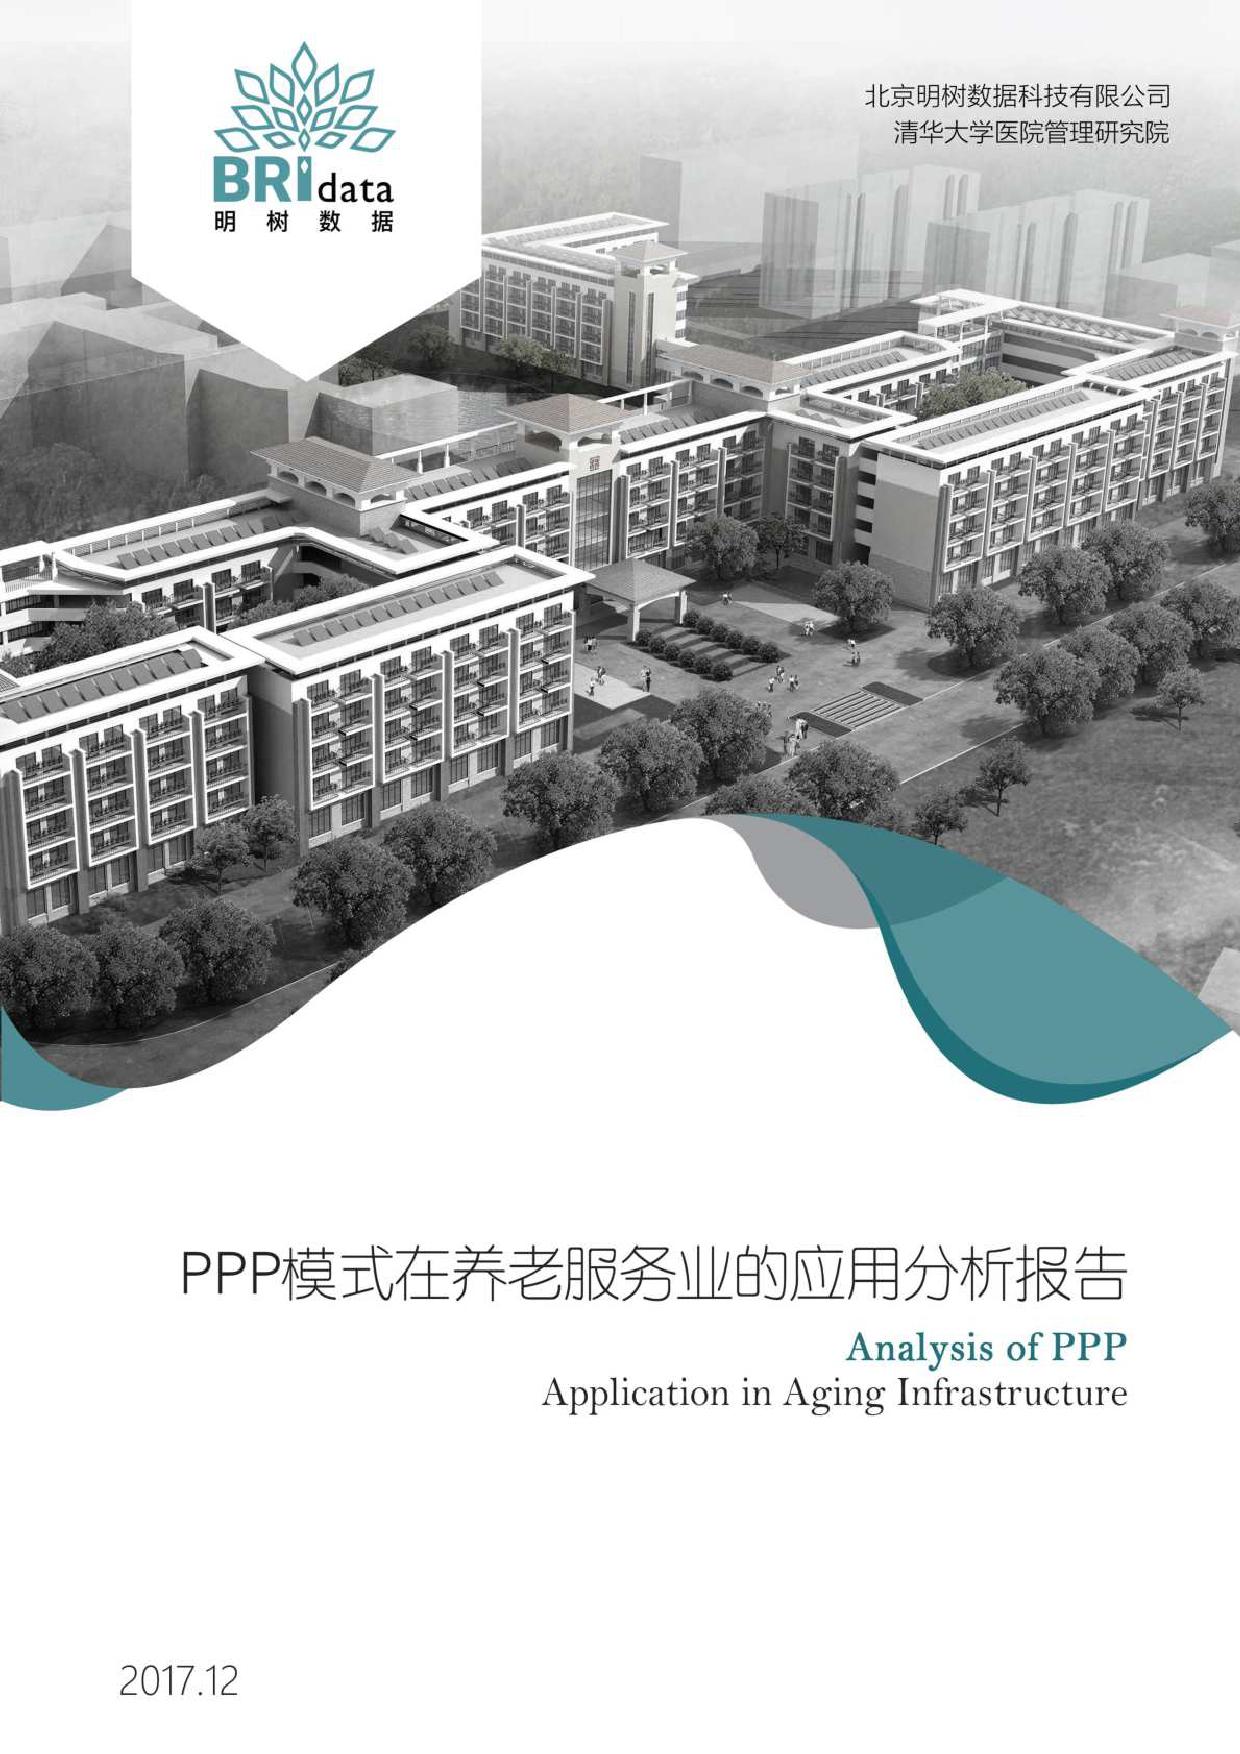 明树数据:PPP模式在养老服务业的应用分析报告(附下载)